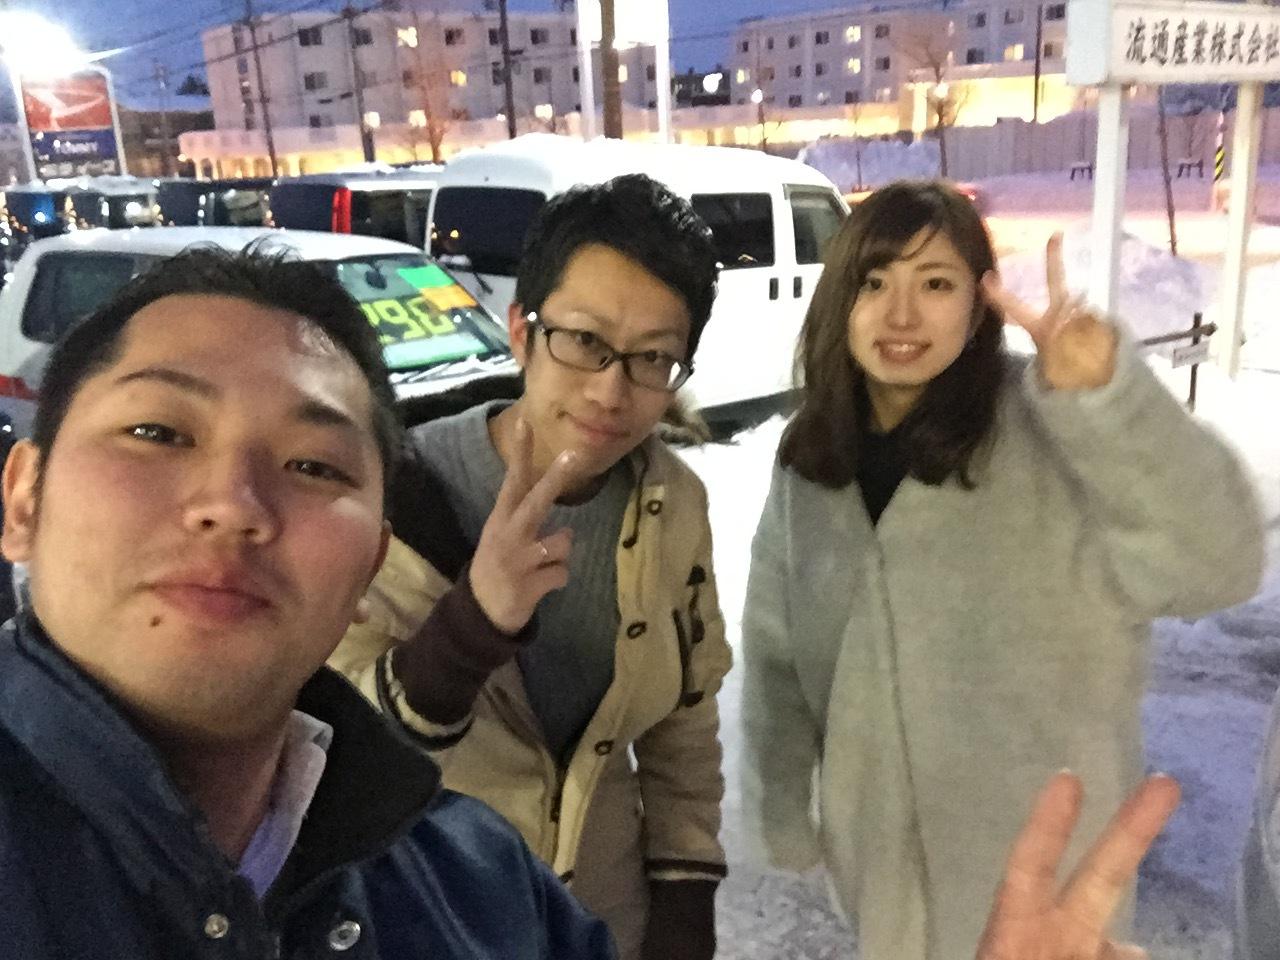 12月9日(土)☆TOMMYアウトレット☆あゆブログ(*^^)v カローラアクシオY様納車♪N-BOX+ M様ご成約♪_b0127002_17251734.jpg